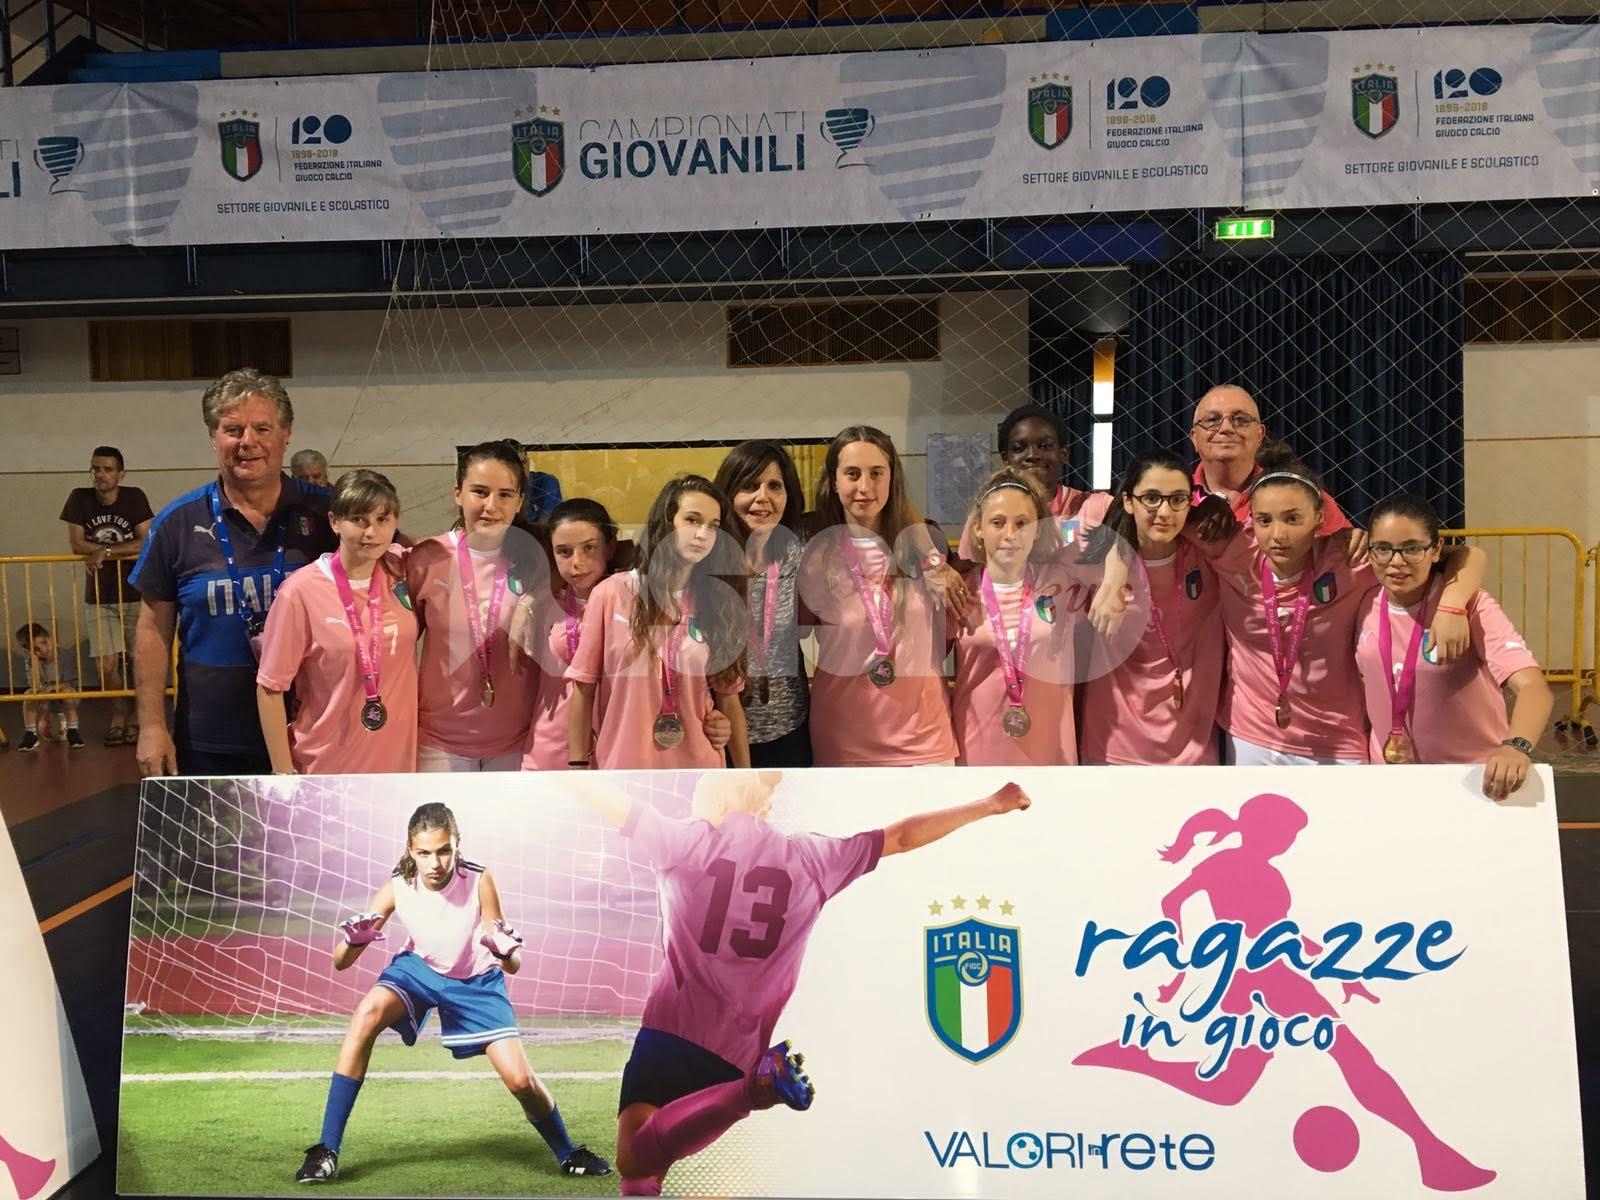 Ragazze in gioco 2018, grande successo per le alunne del Comprensivo Assisi 2